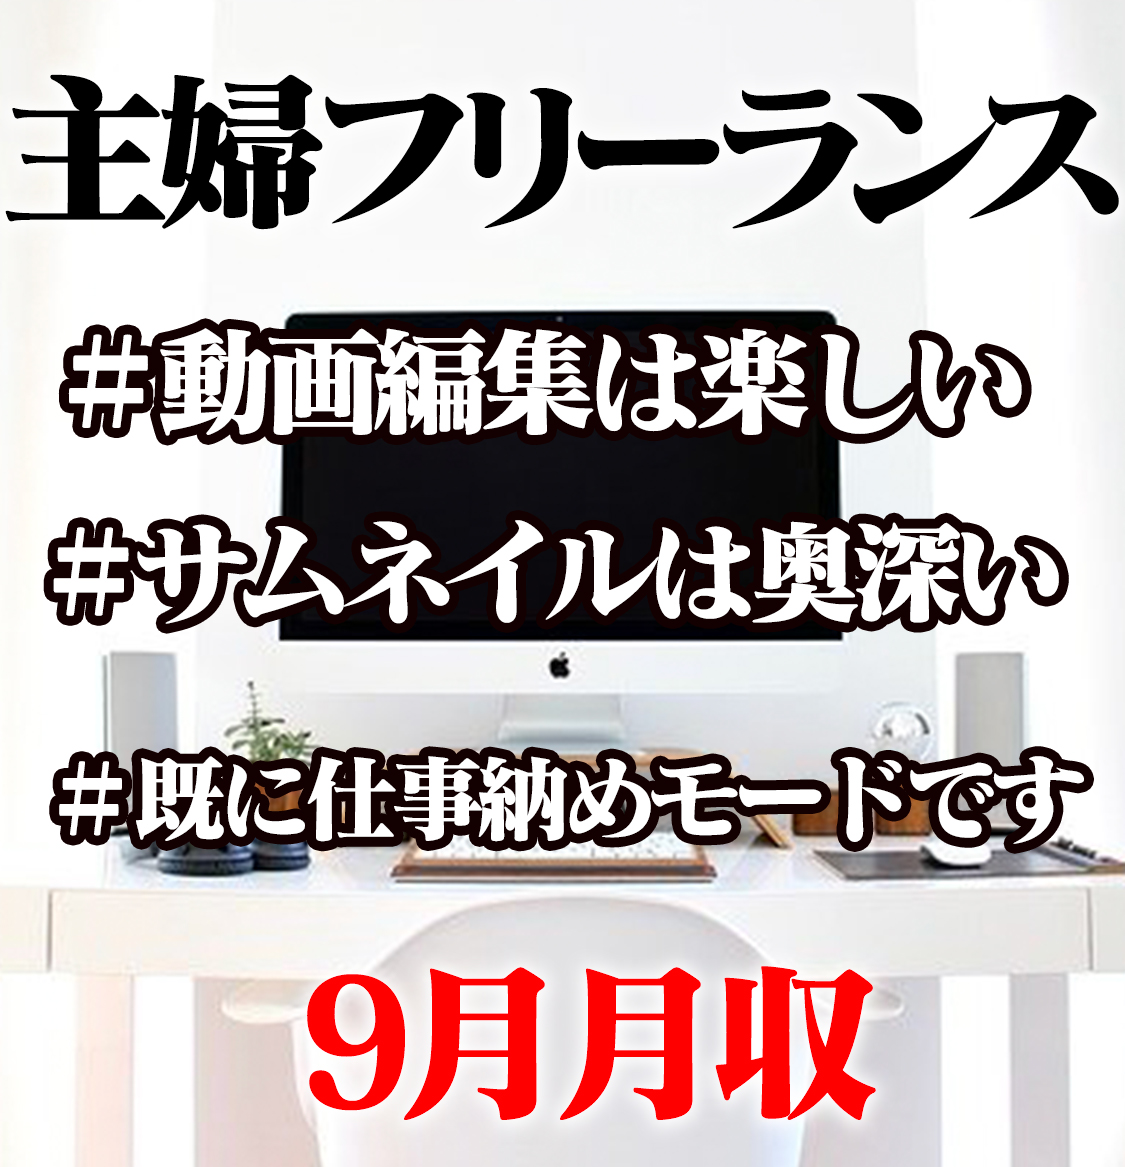 f:id:youyumi:20211006150723j:plain